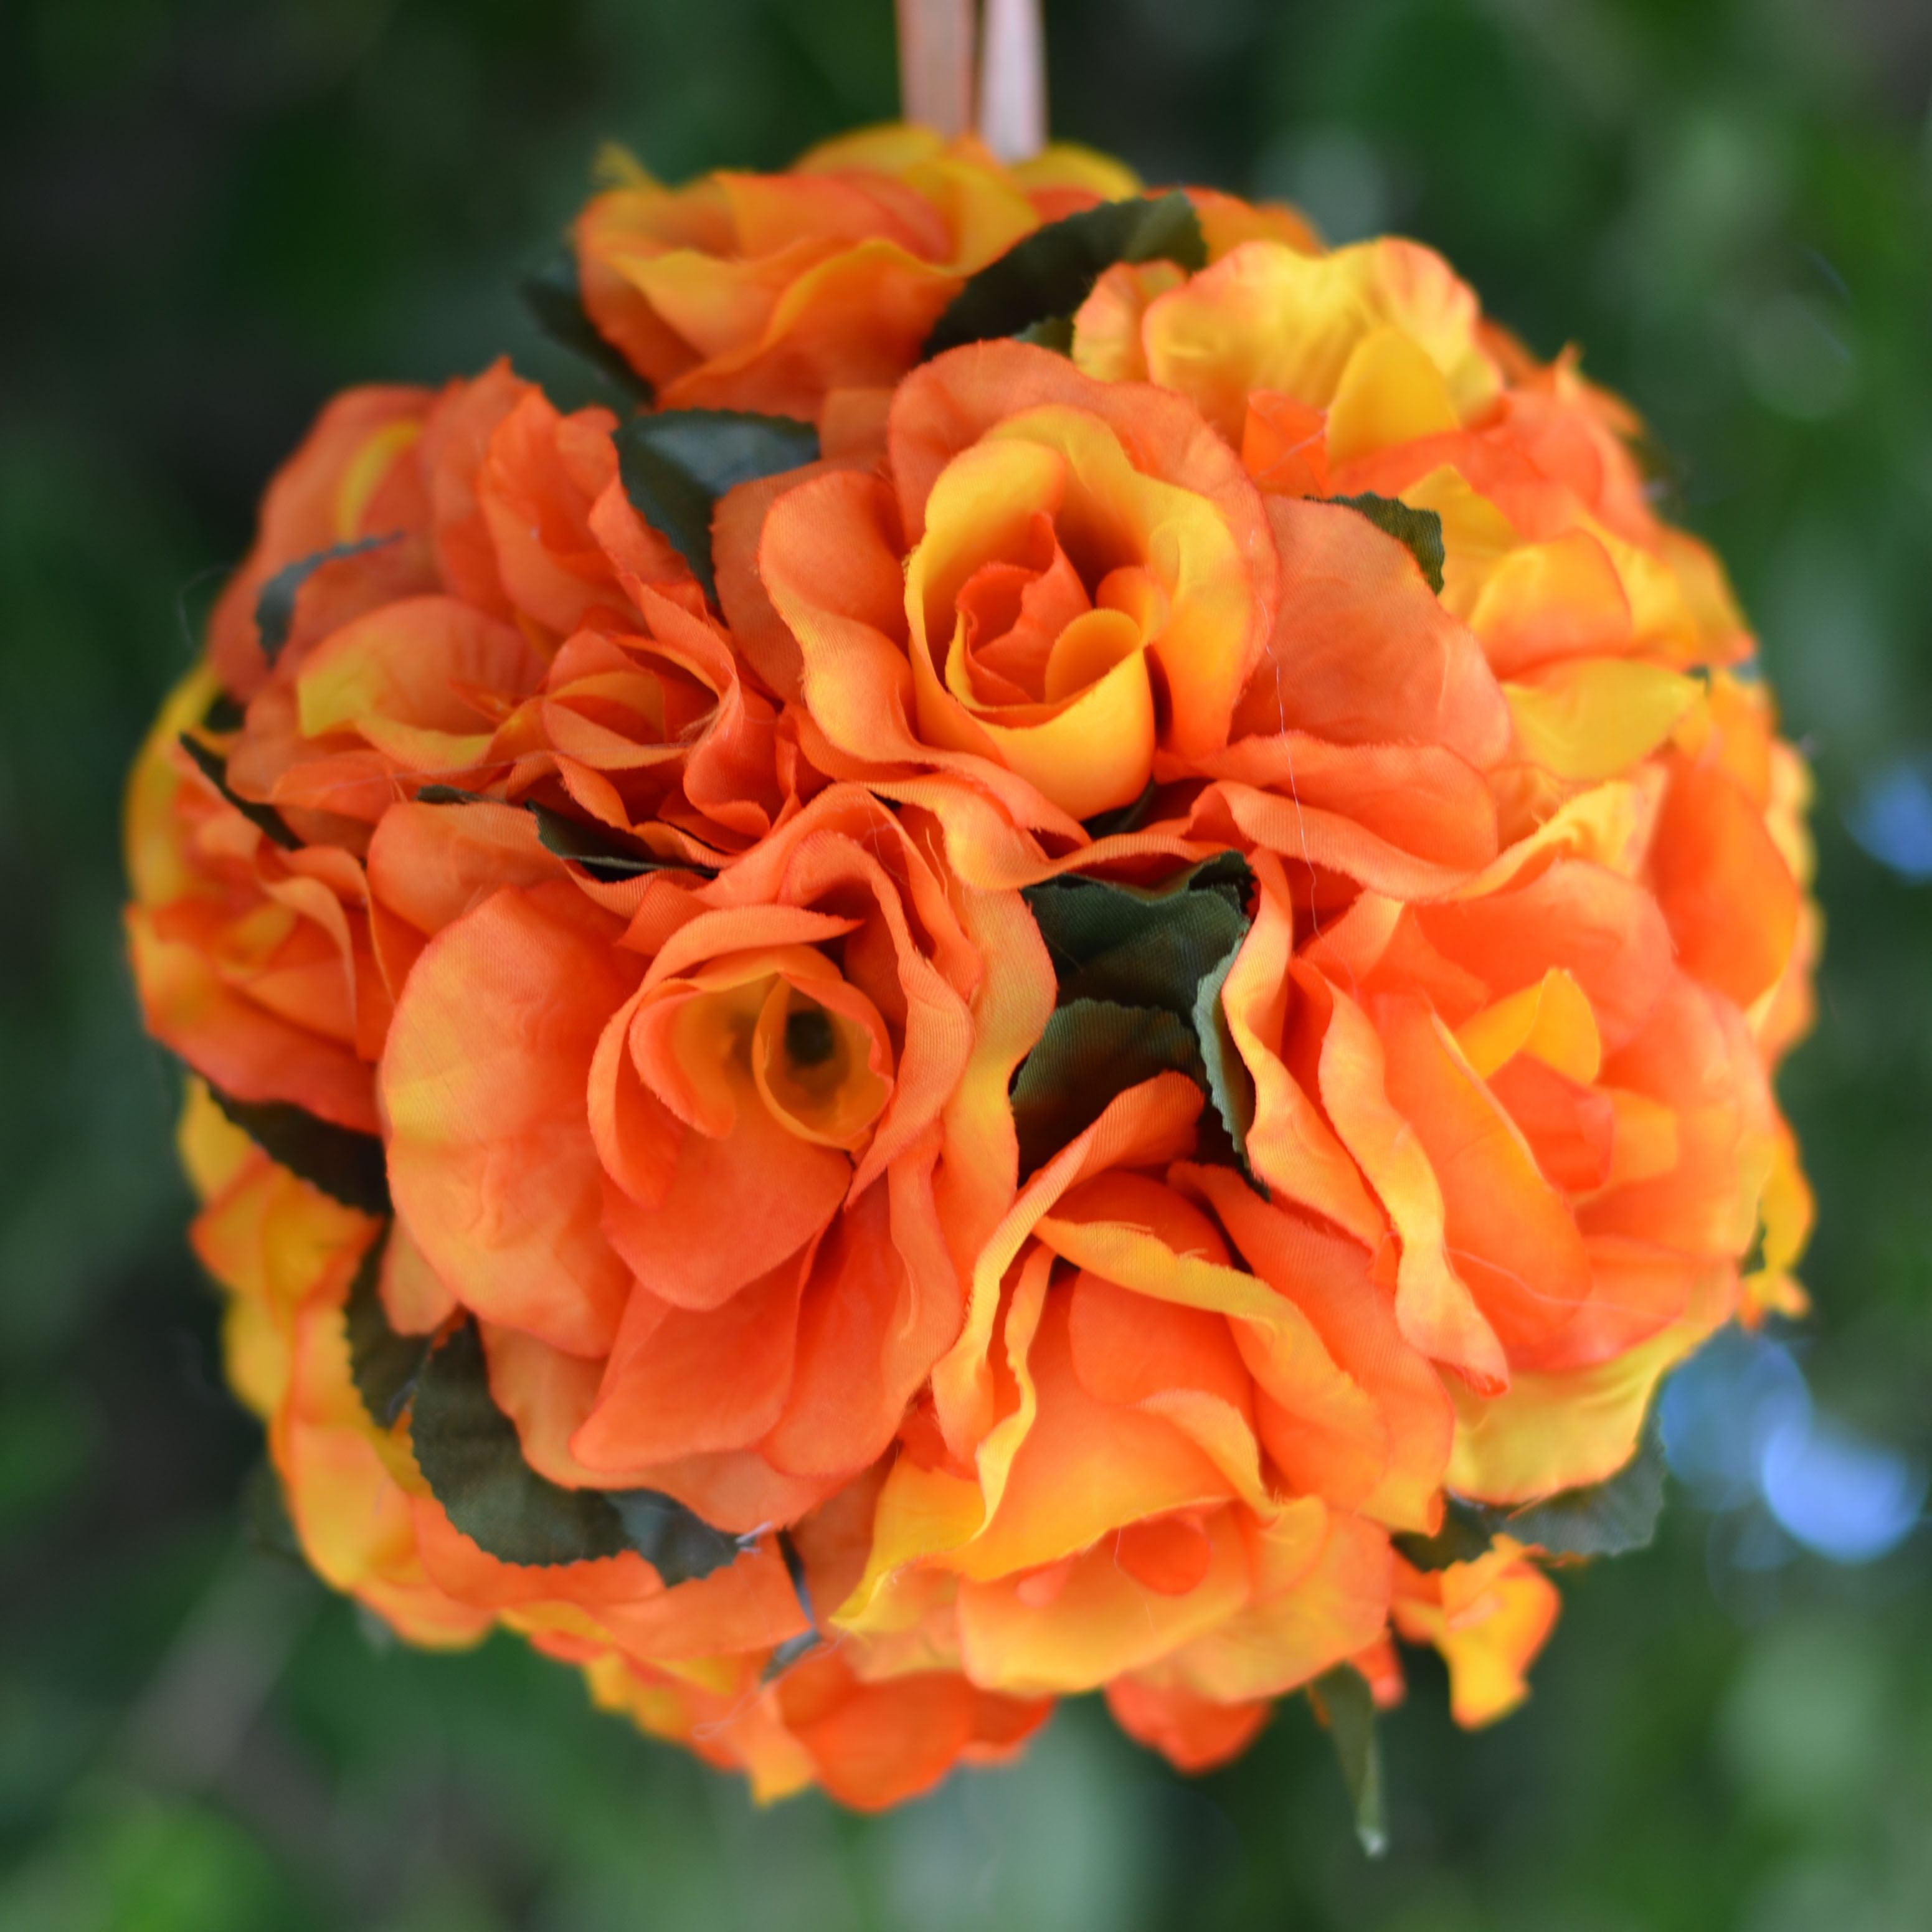 Efavormart 4 PCS Rose Pomander Silk Flower Balls for DIY Wedding Bouquets Centerpieces Arrangements Decorations Wholesale Supplies